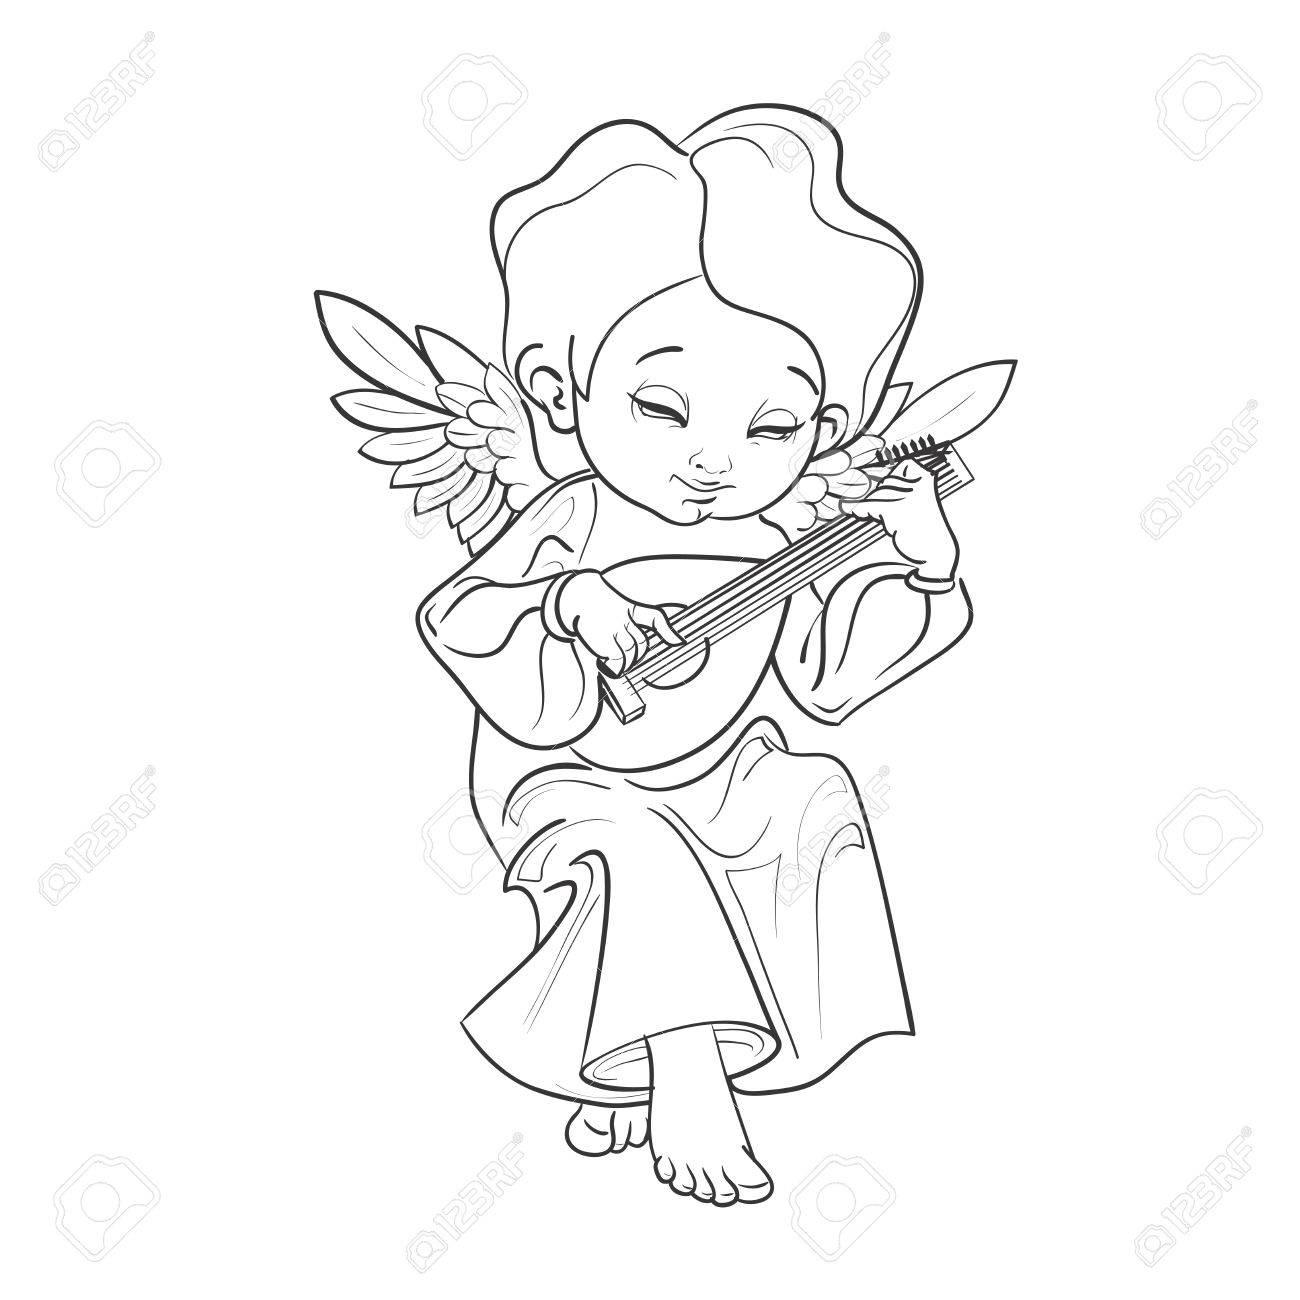 かわいい笑顔の幼児の天使リュートを演奏する音楽を作るしますベクトル